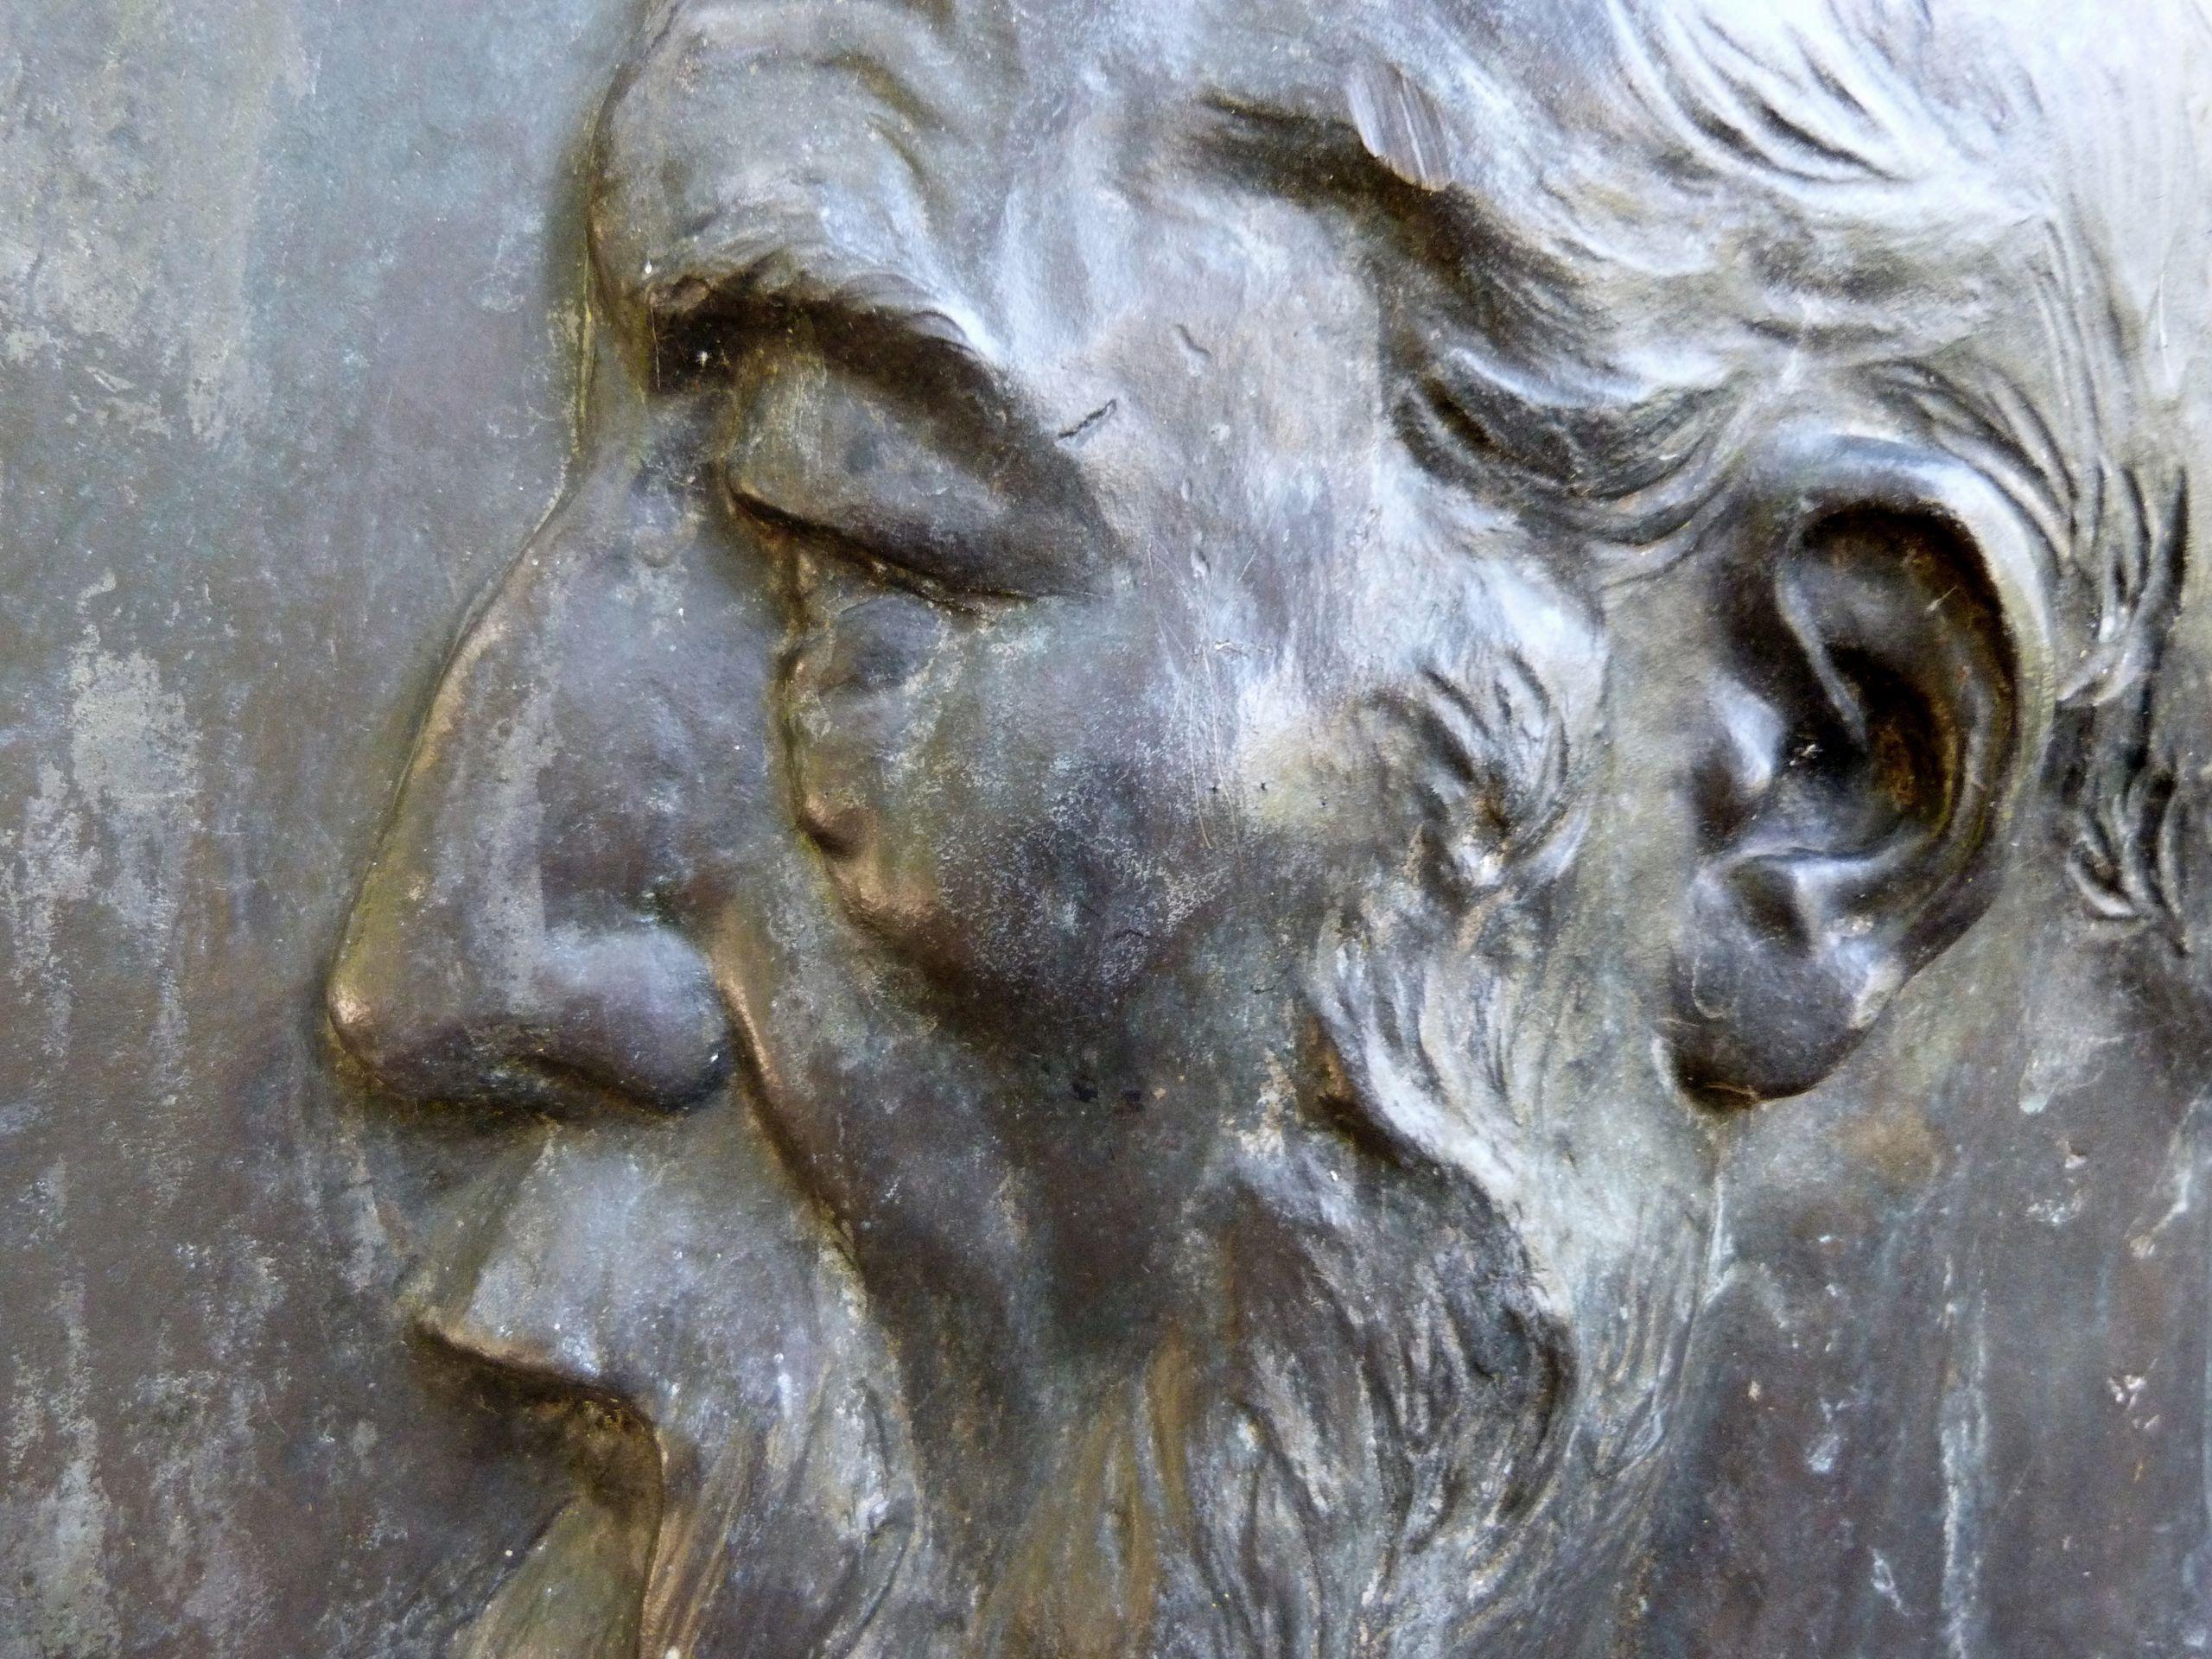 Commemorative plaque, Ludwig Andreas Feuerbach Portrait detail